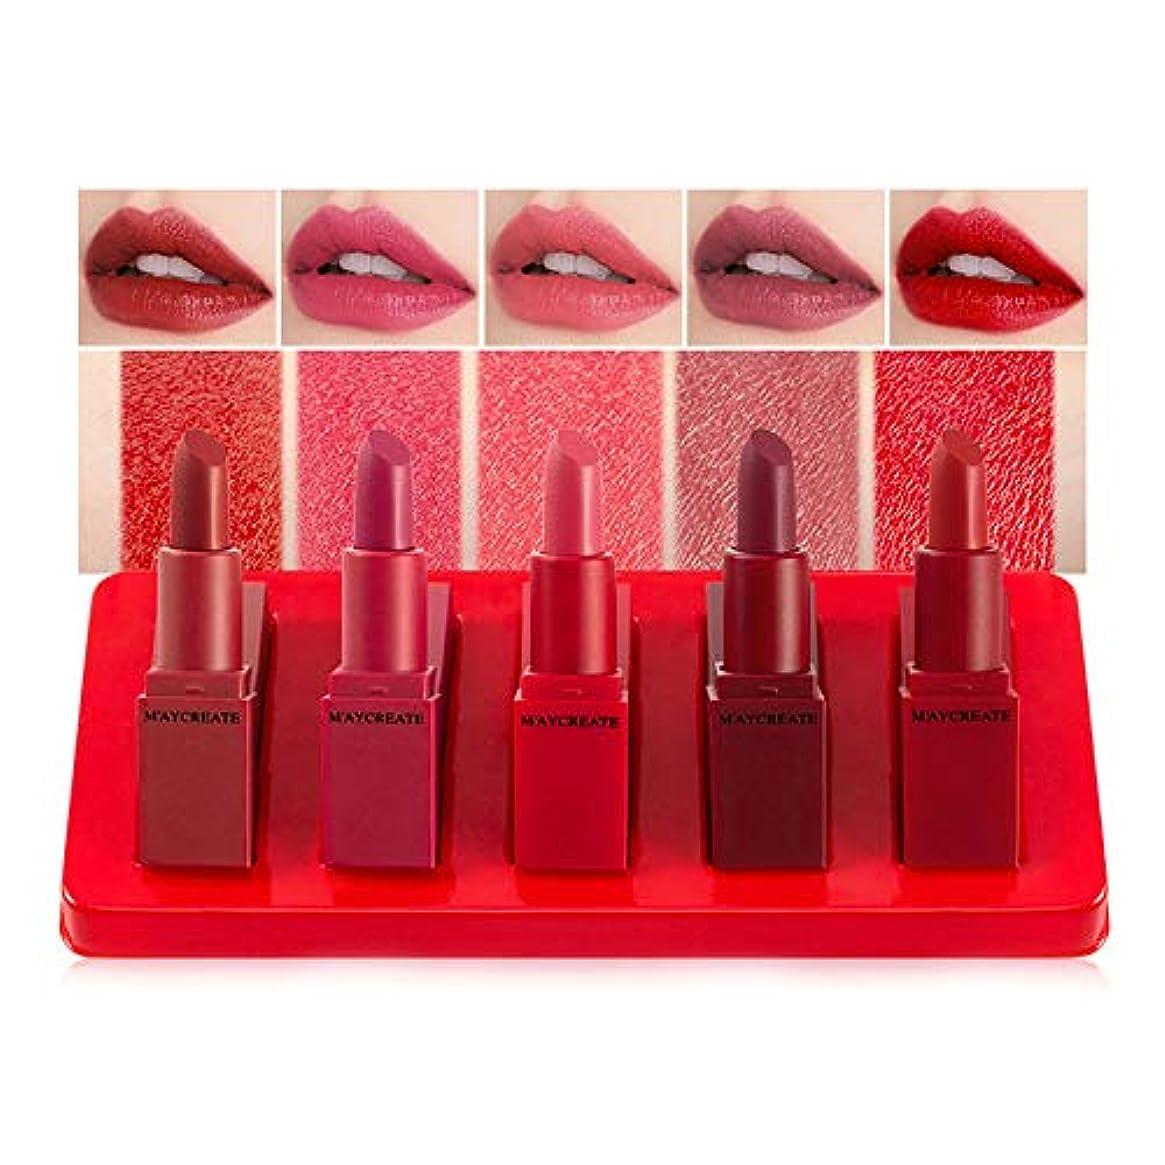 許される忘れられない達成可能5本/セット口紅化粧品女性化粧セット保湿バームファッション防水セクシーな口紅